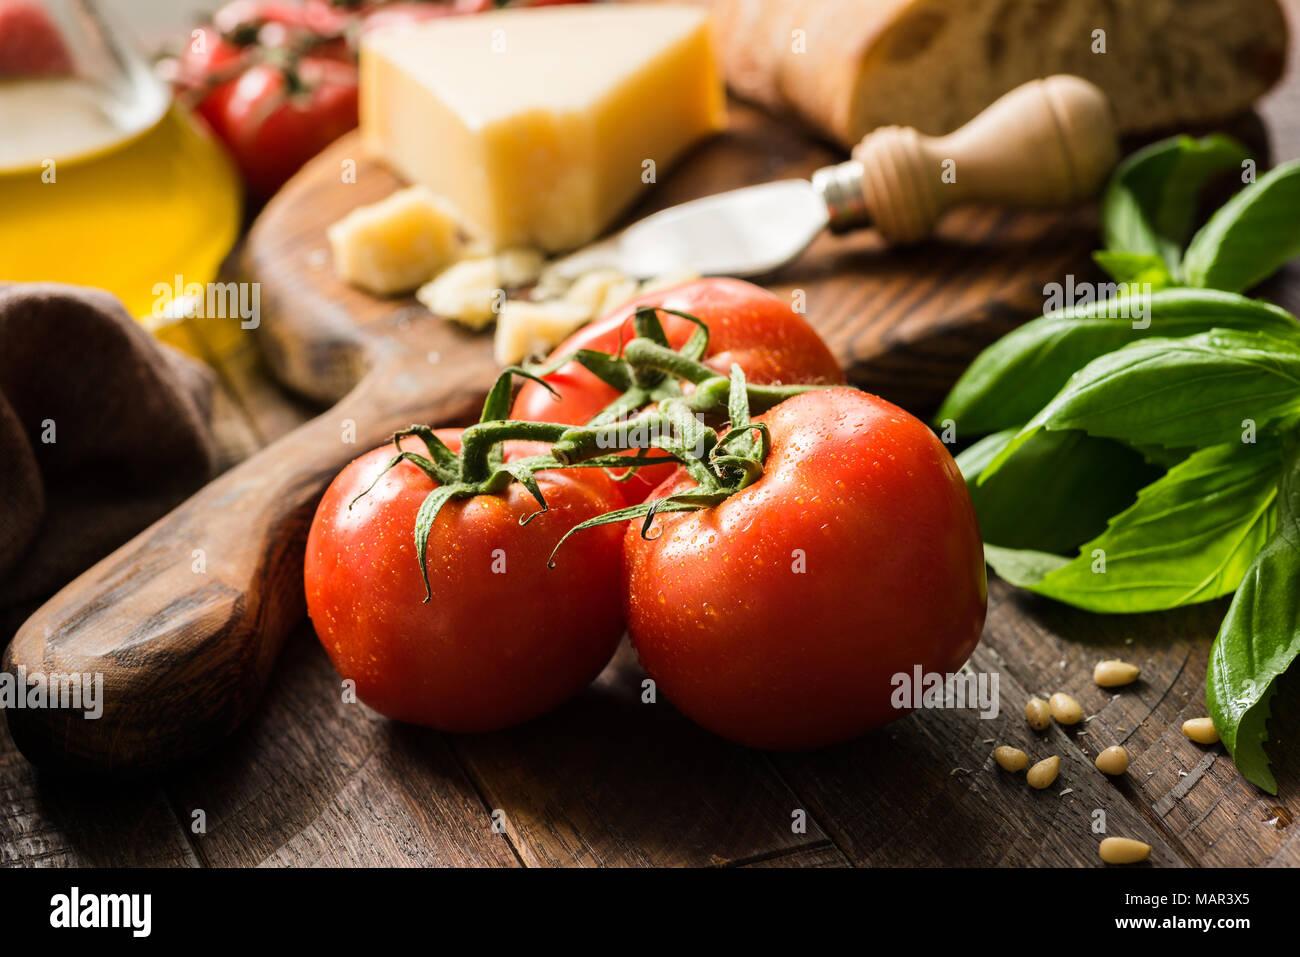 Tomates de vid, aceite de oliva y queso parmesano. Antecedentes La comida italiana o still life Imagen De Stock